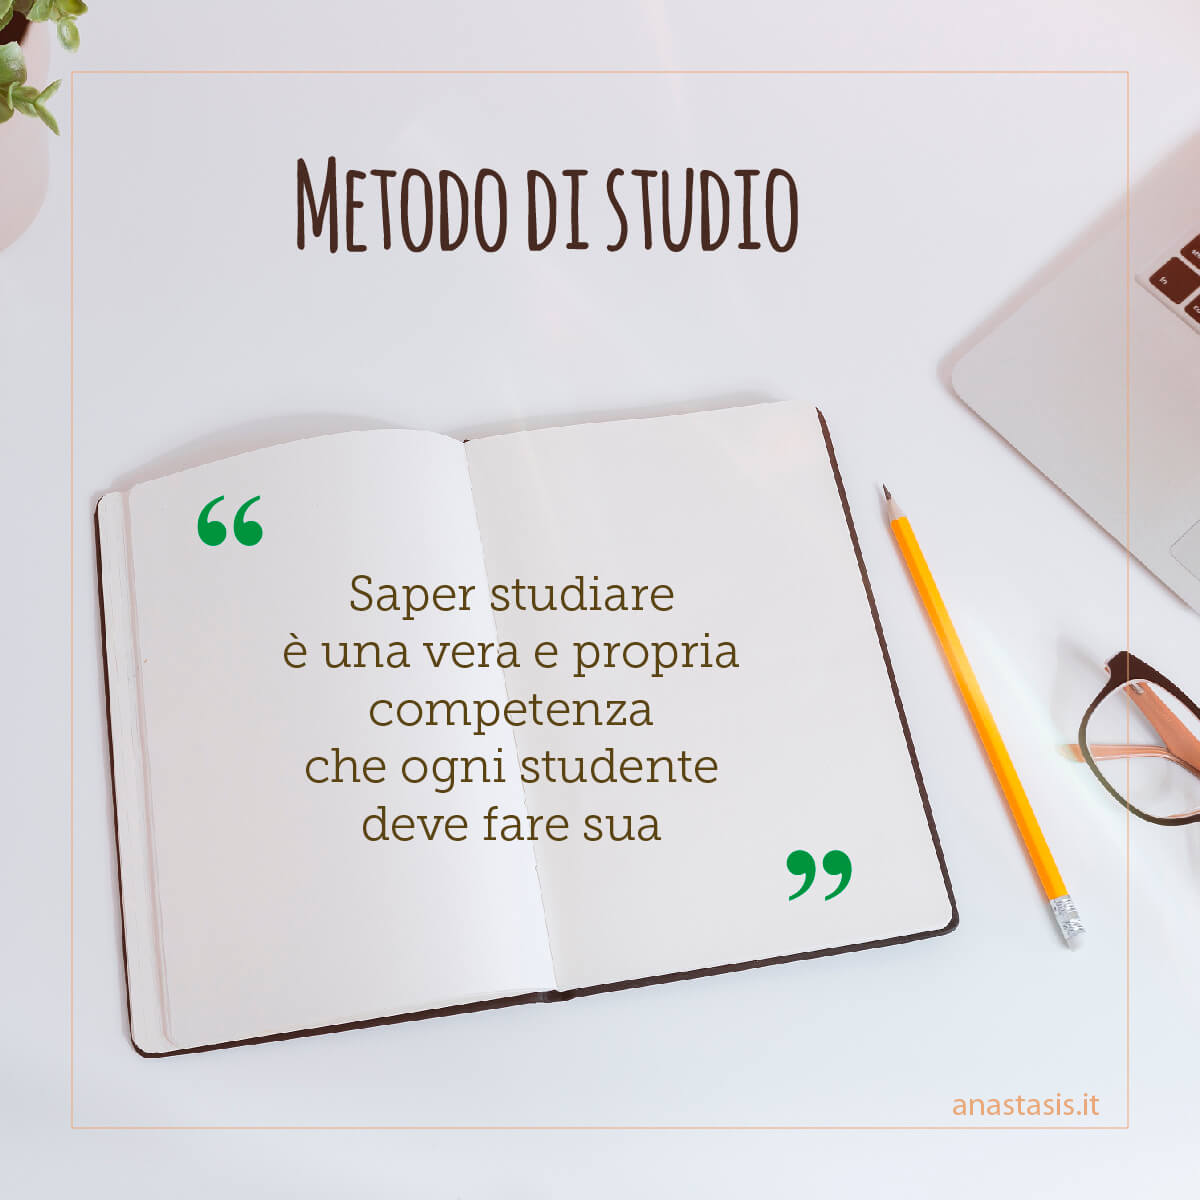 Risultati immagini per METODO DI STUDIO.